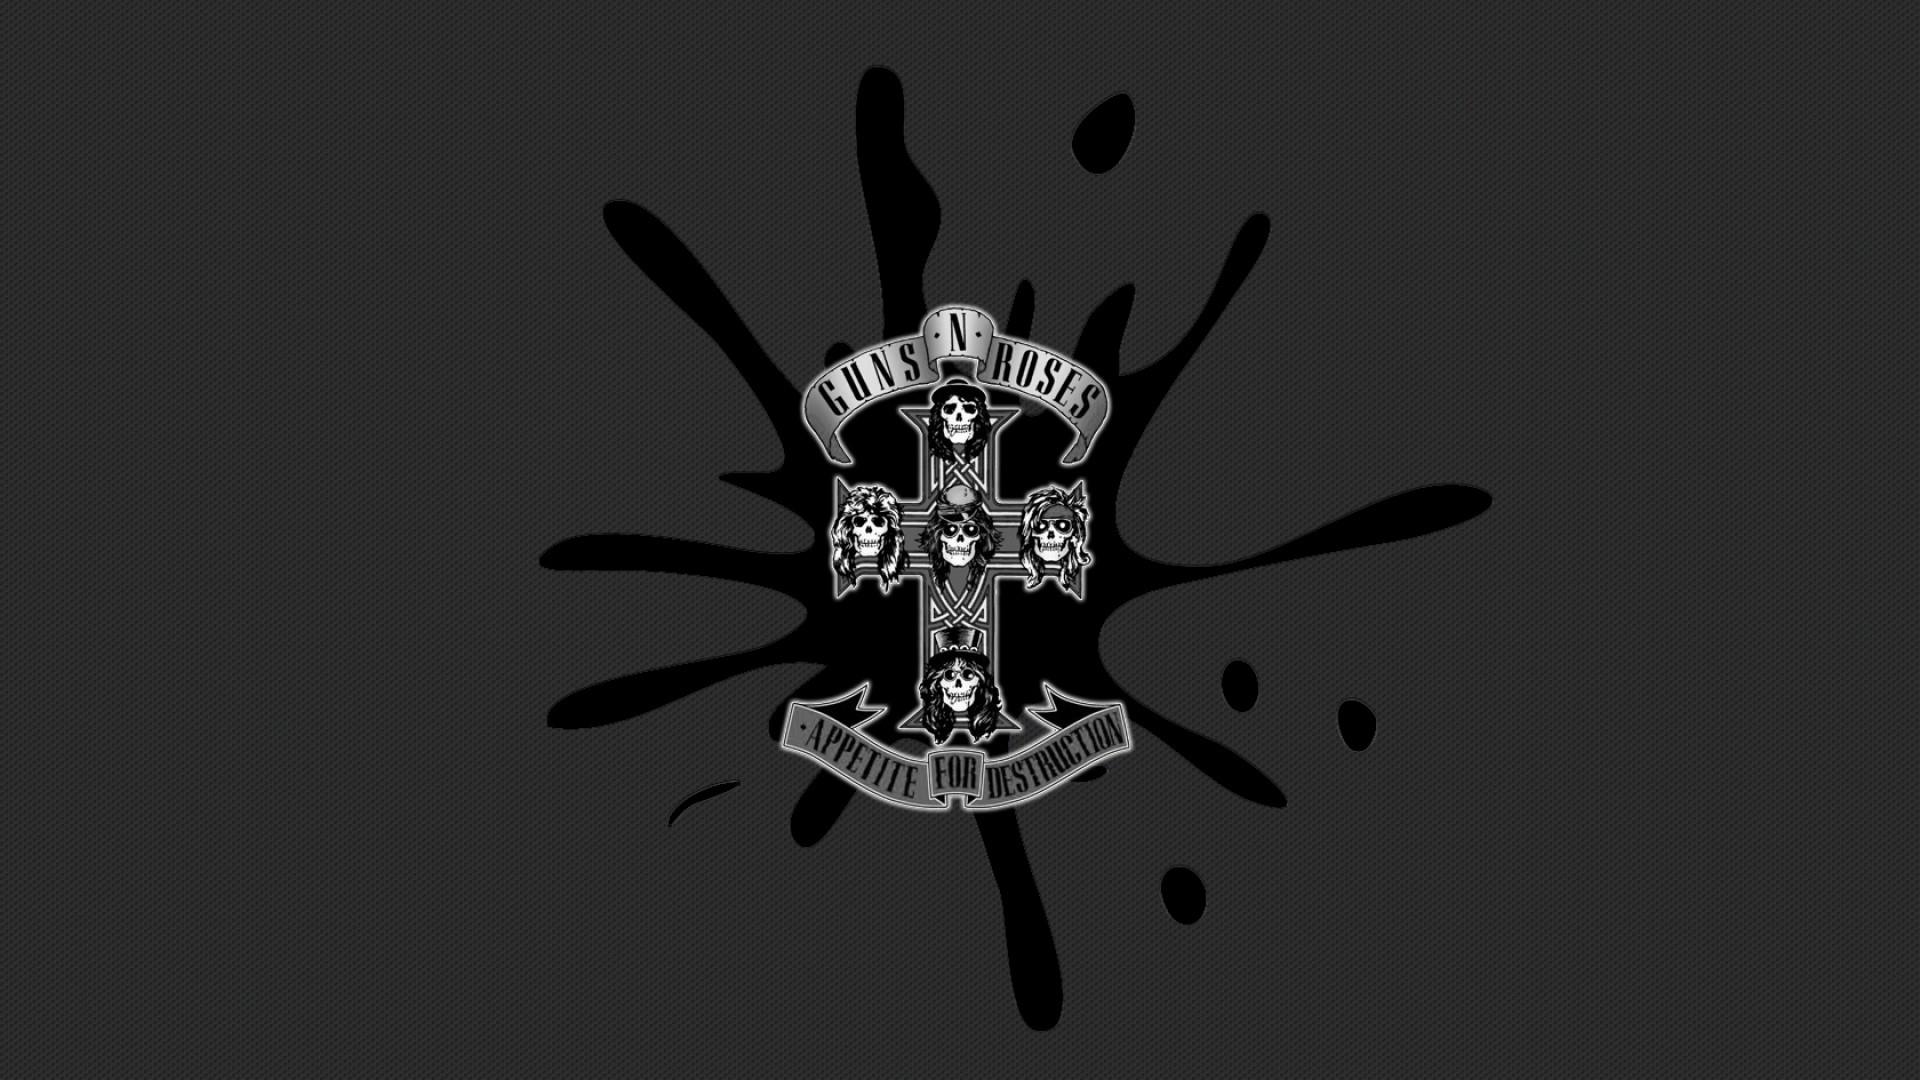 Wallpaper guns n roses, spot, cross, darkness, skulls